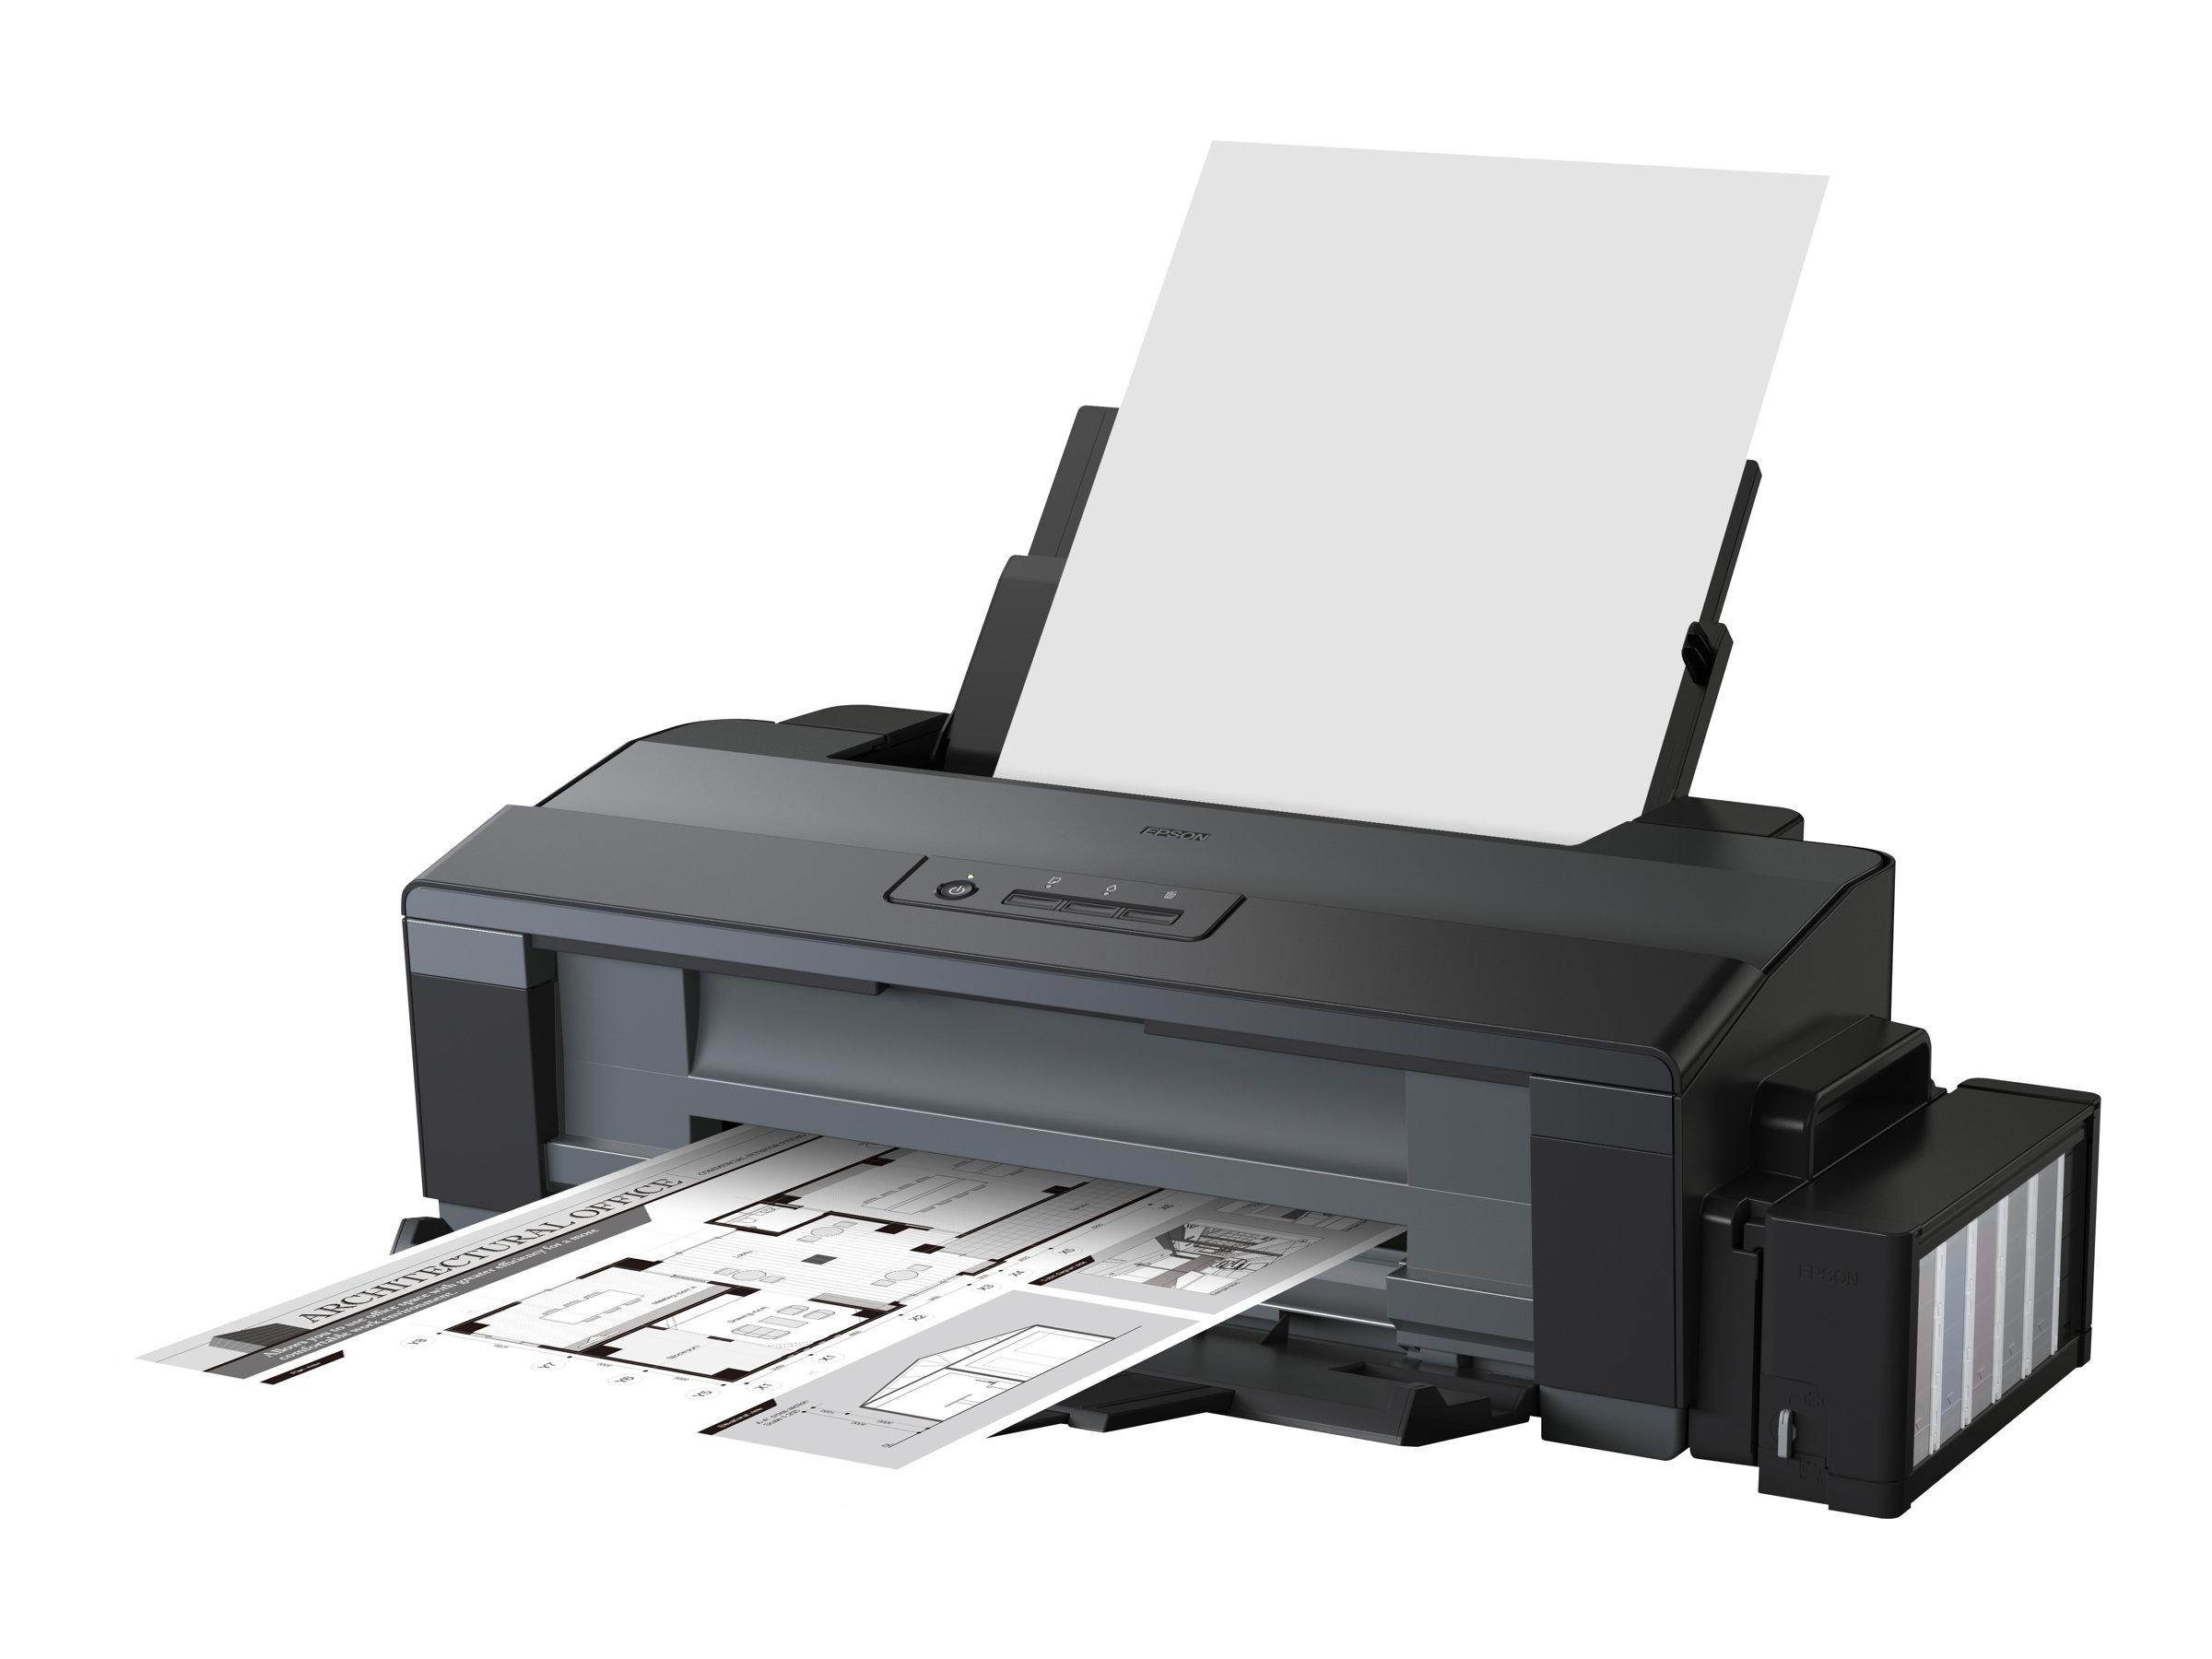 Epson EcoTank ET 14000 Imprimante Couleur Jet D